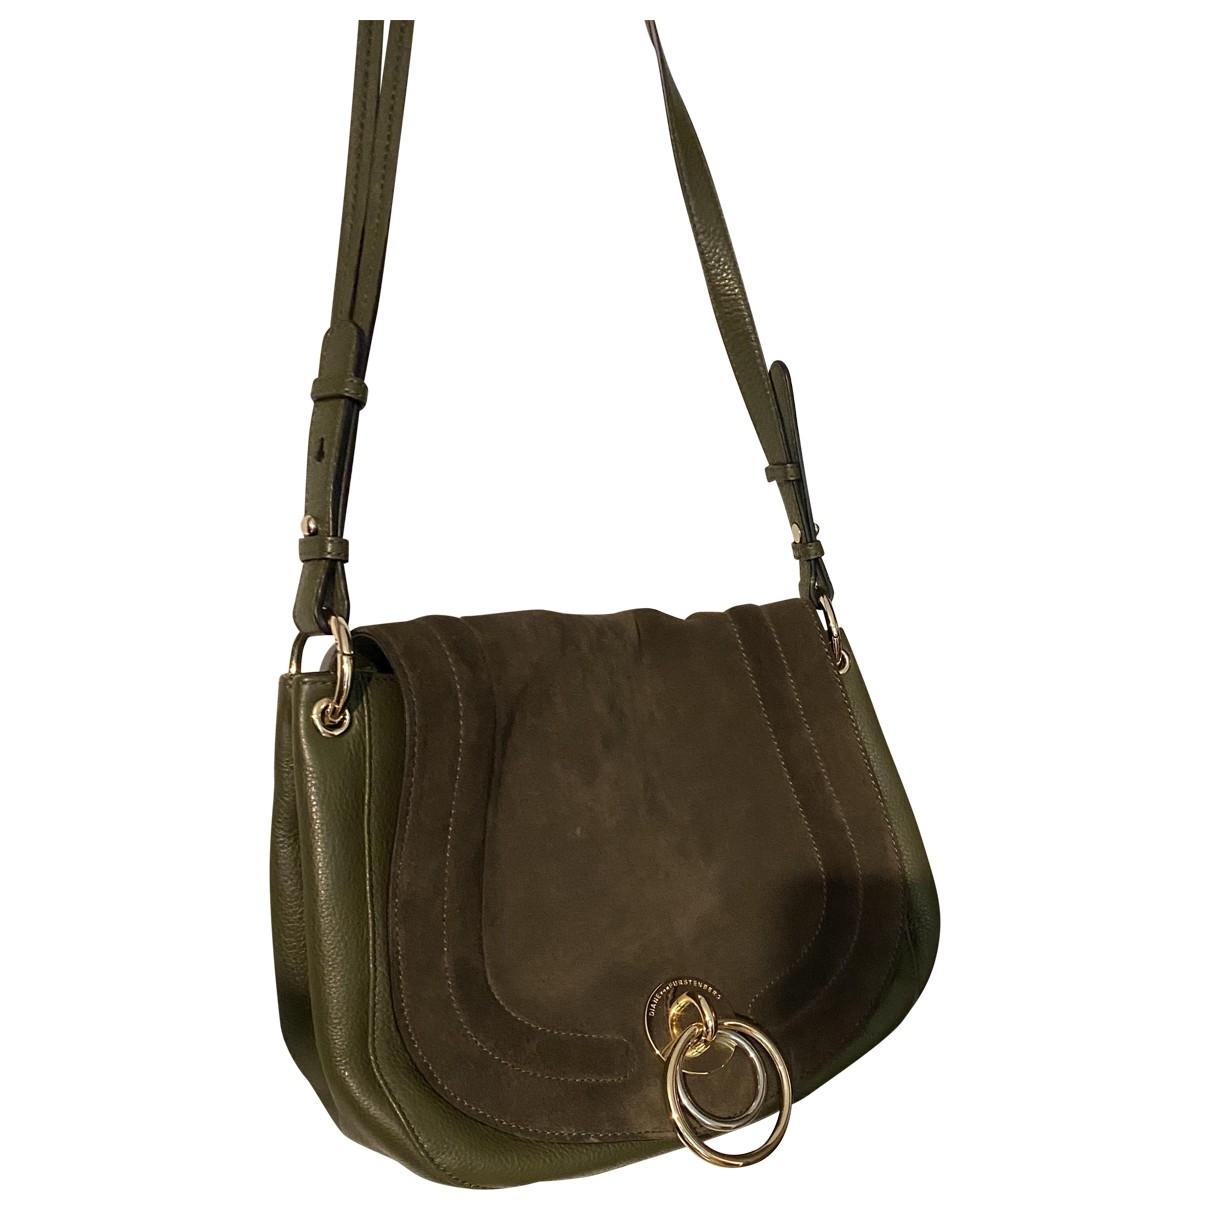 Diane Von Furstenberg \N Handtasche in  Khaki Leder